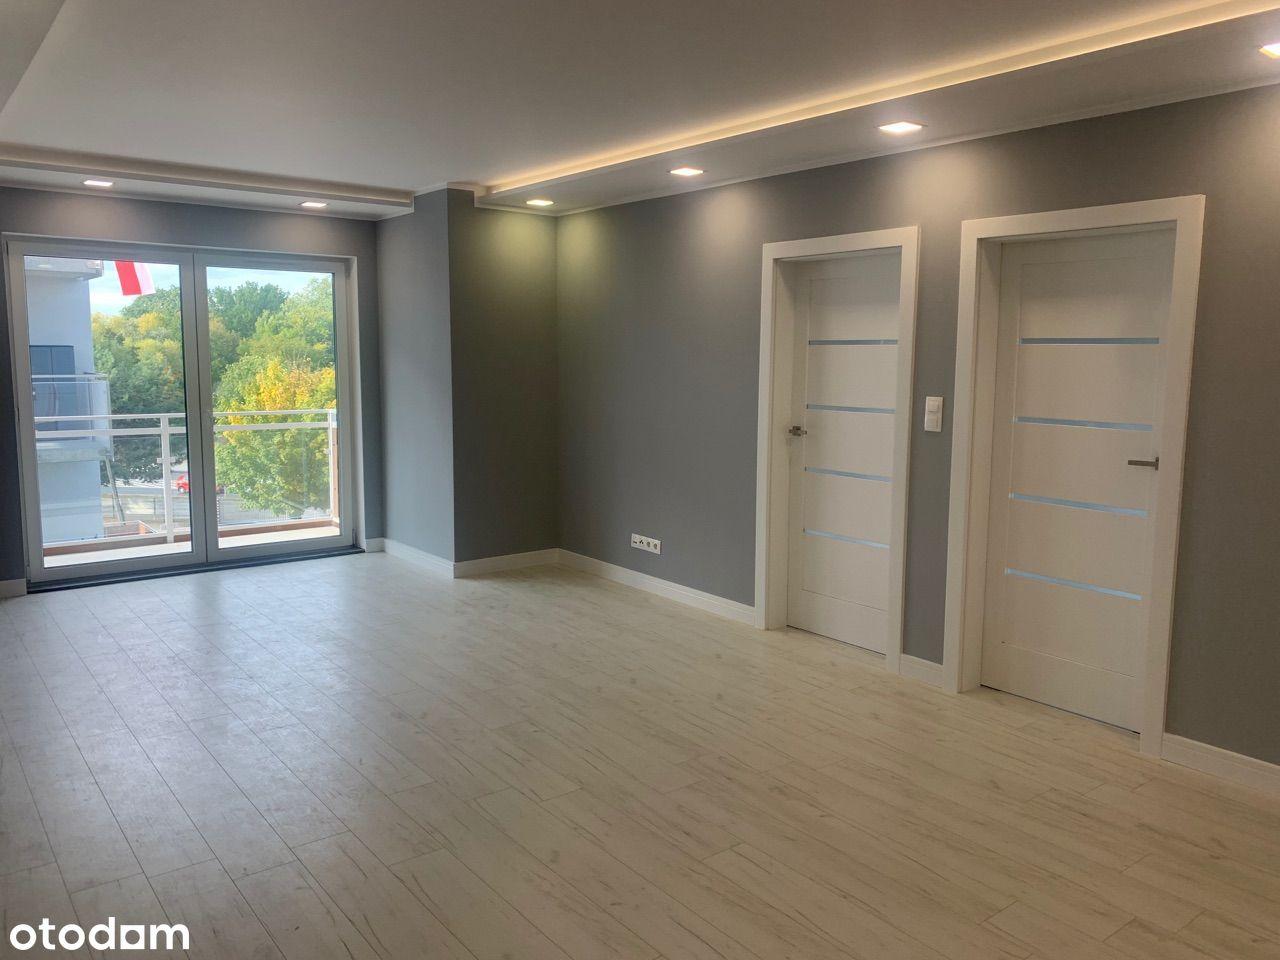 Nowe mieszkanie 69,80 m2, wysoki standard !!!